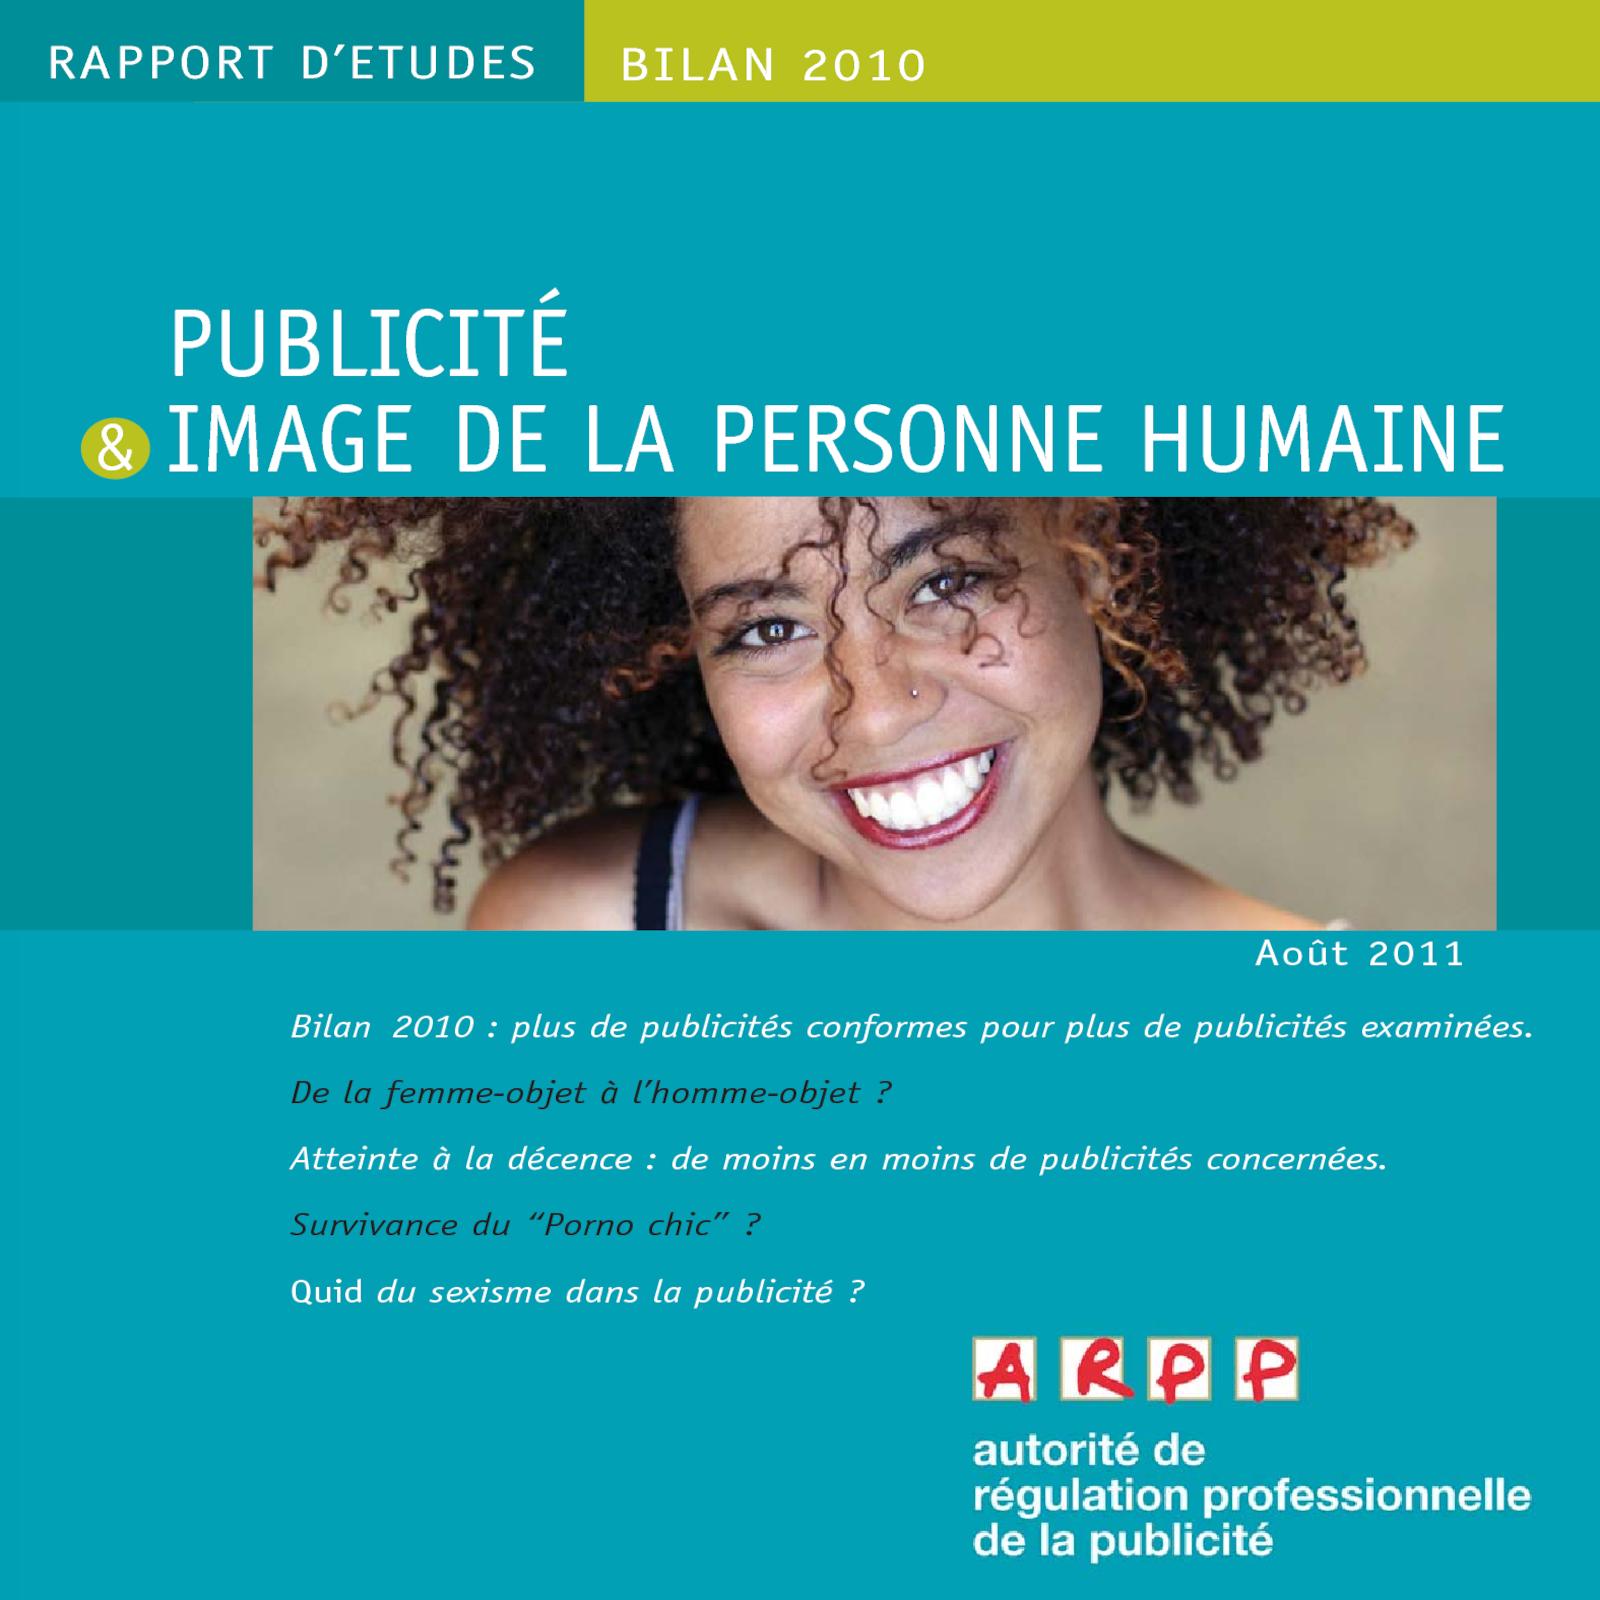 Bilan Publicité et image de la personne humaine 2010